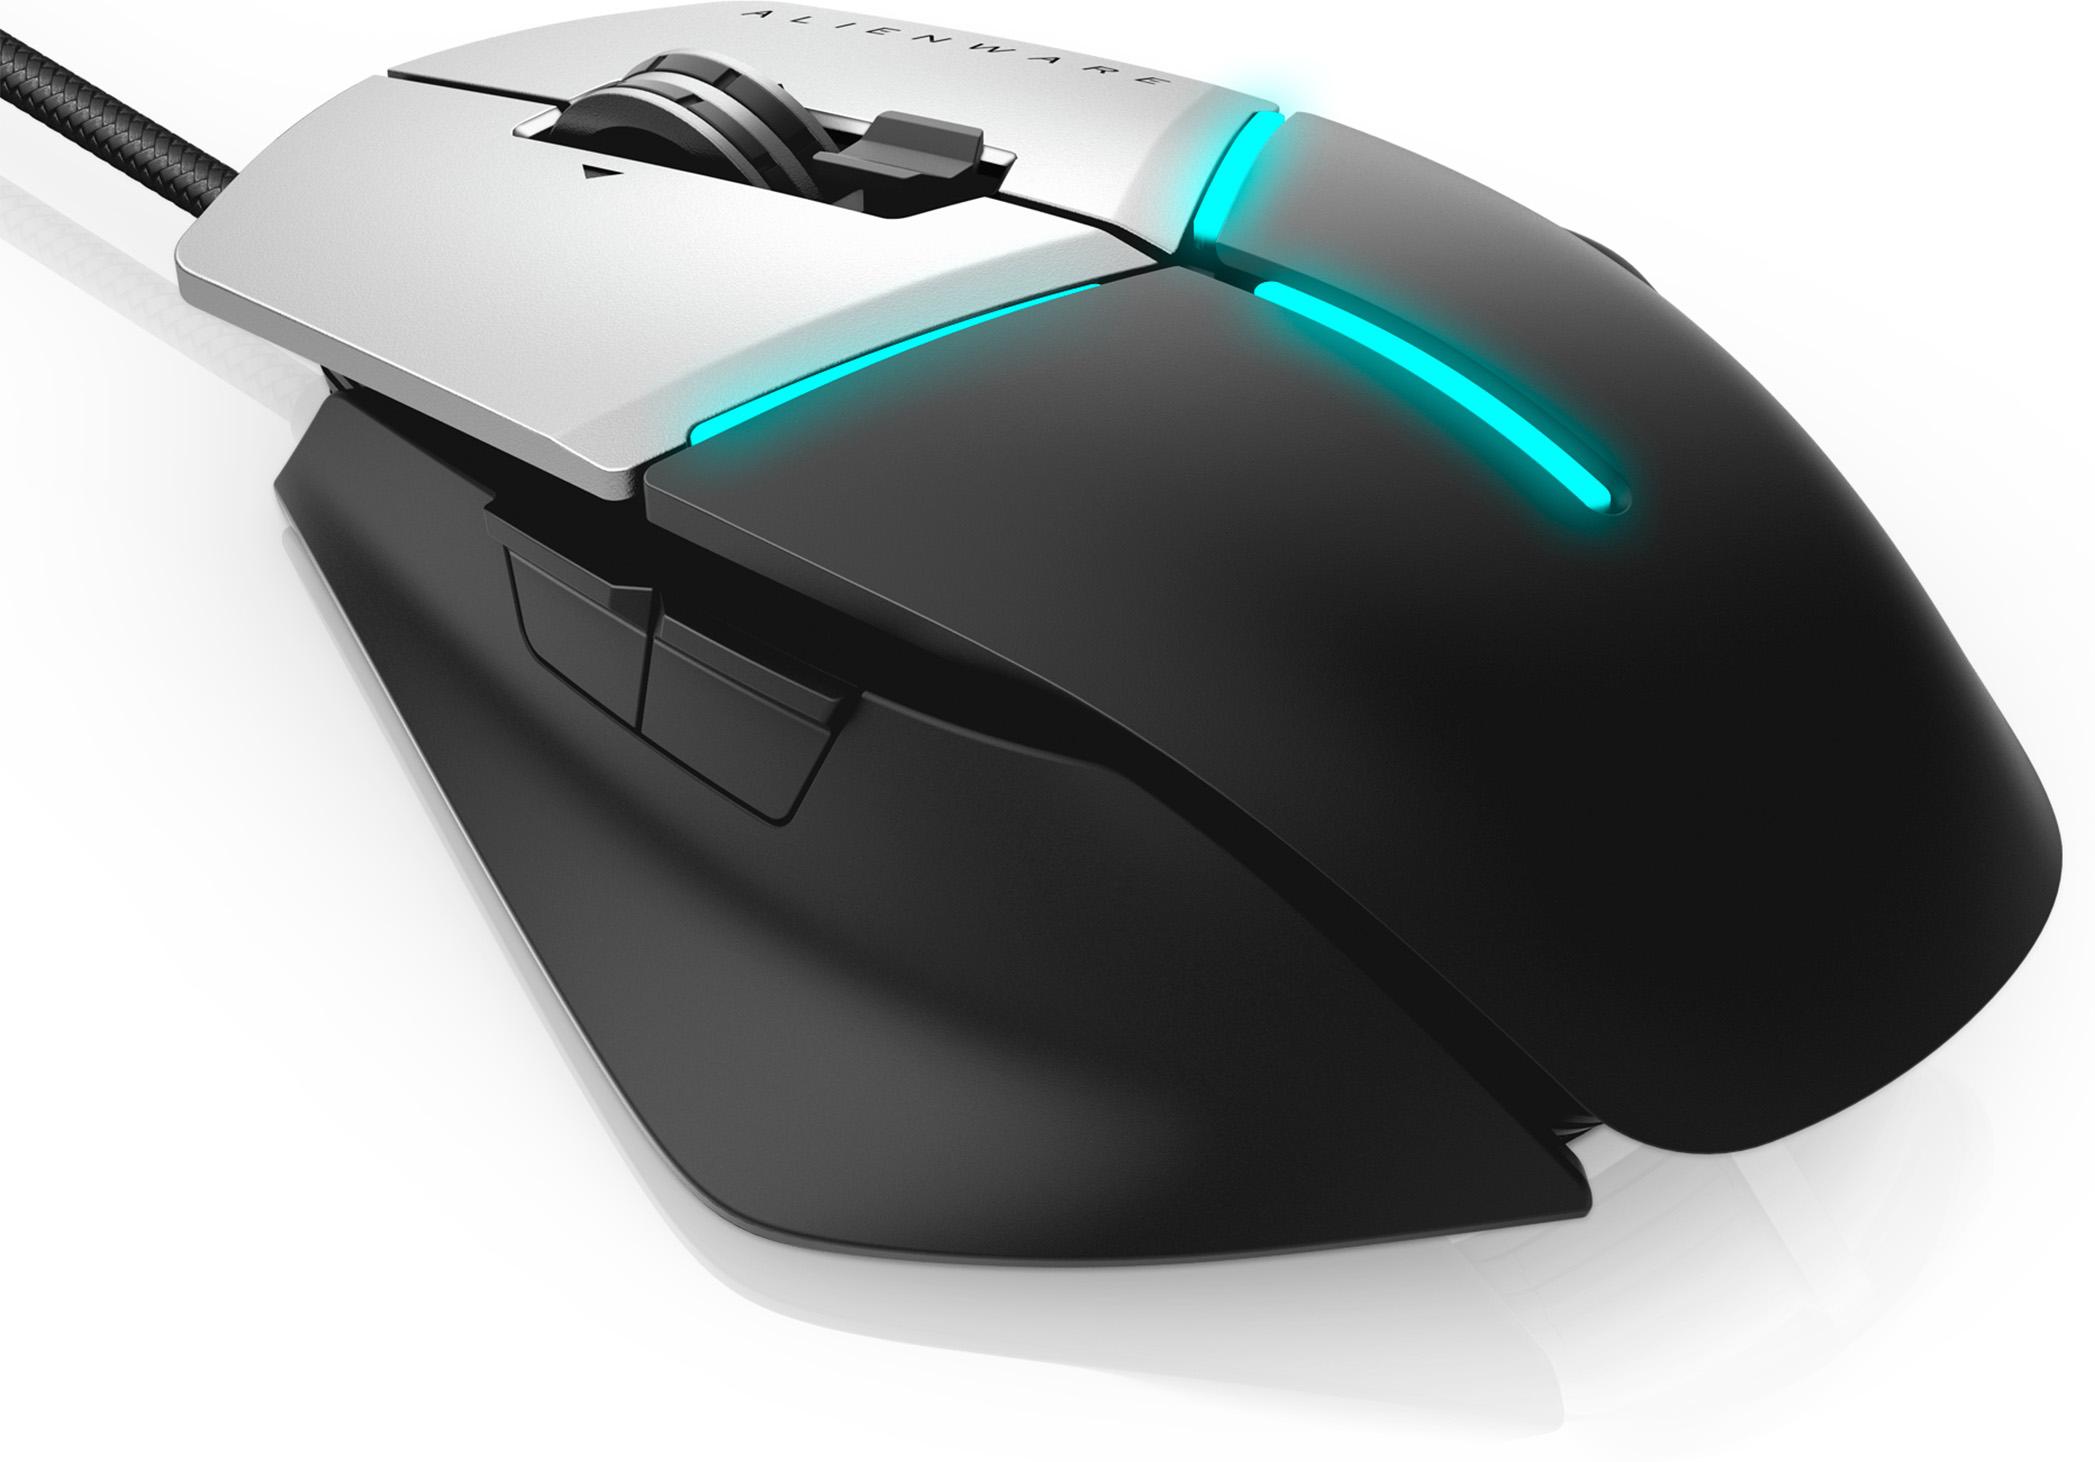 Alienware AW958 Elite Gaming Mouse Treiber Herunterladen